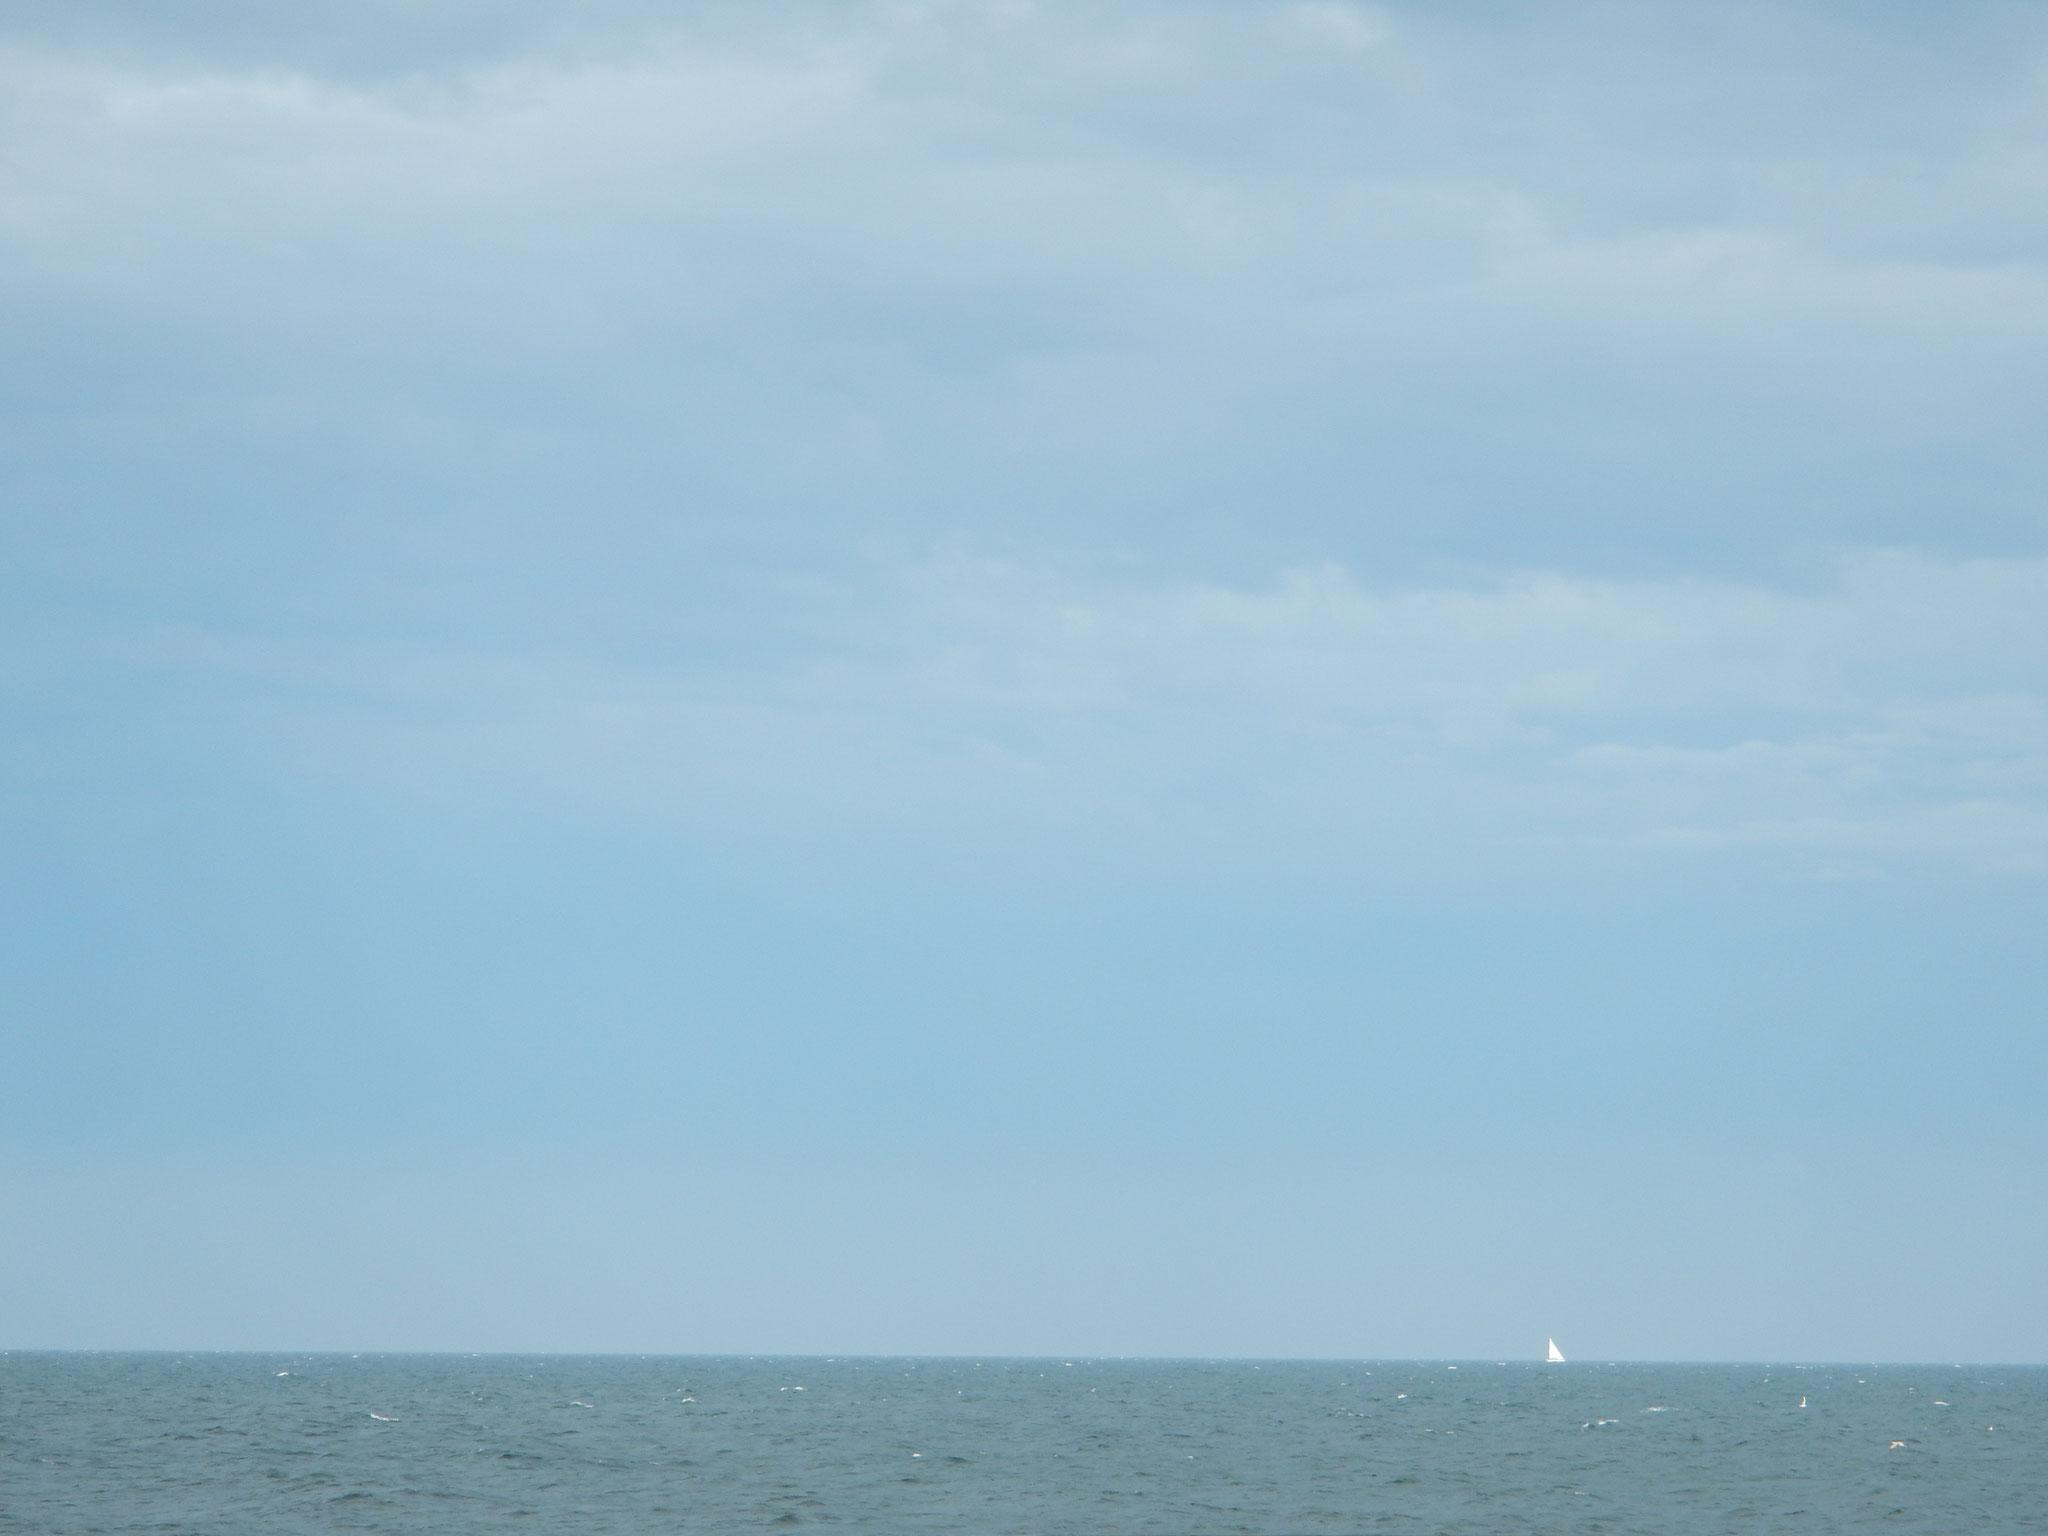 Sails at the Horizon